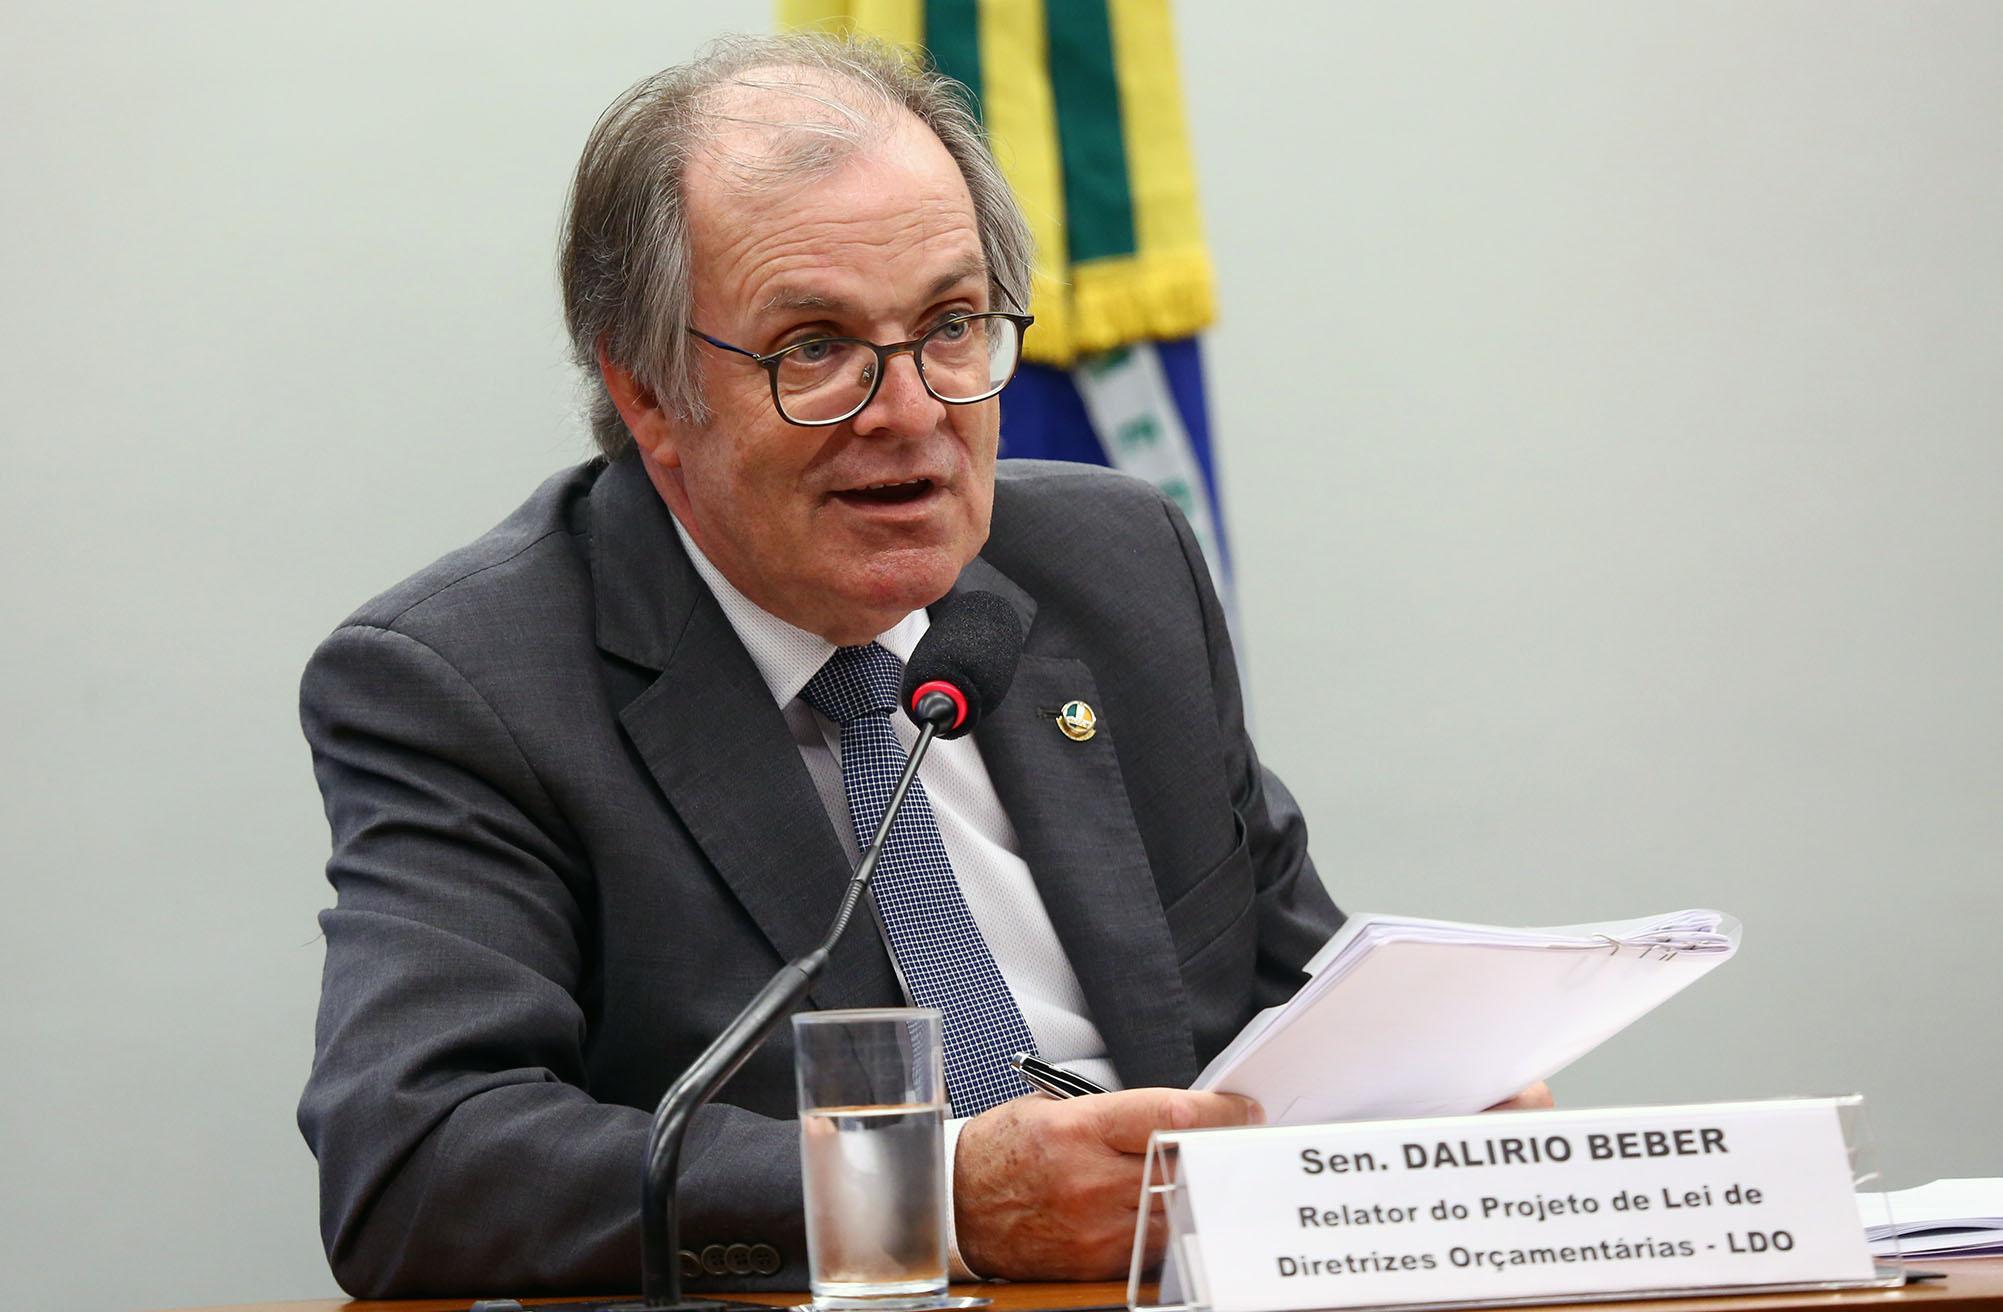 Partidos fecham acordo para votar LDO na próxima quarta; relator leu parecer na comissão